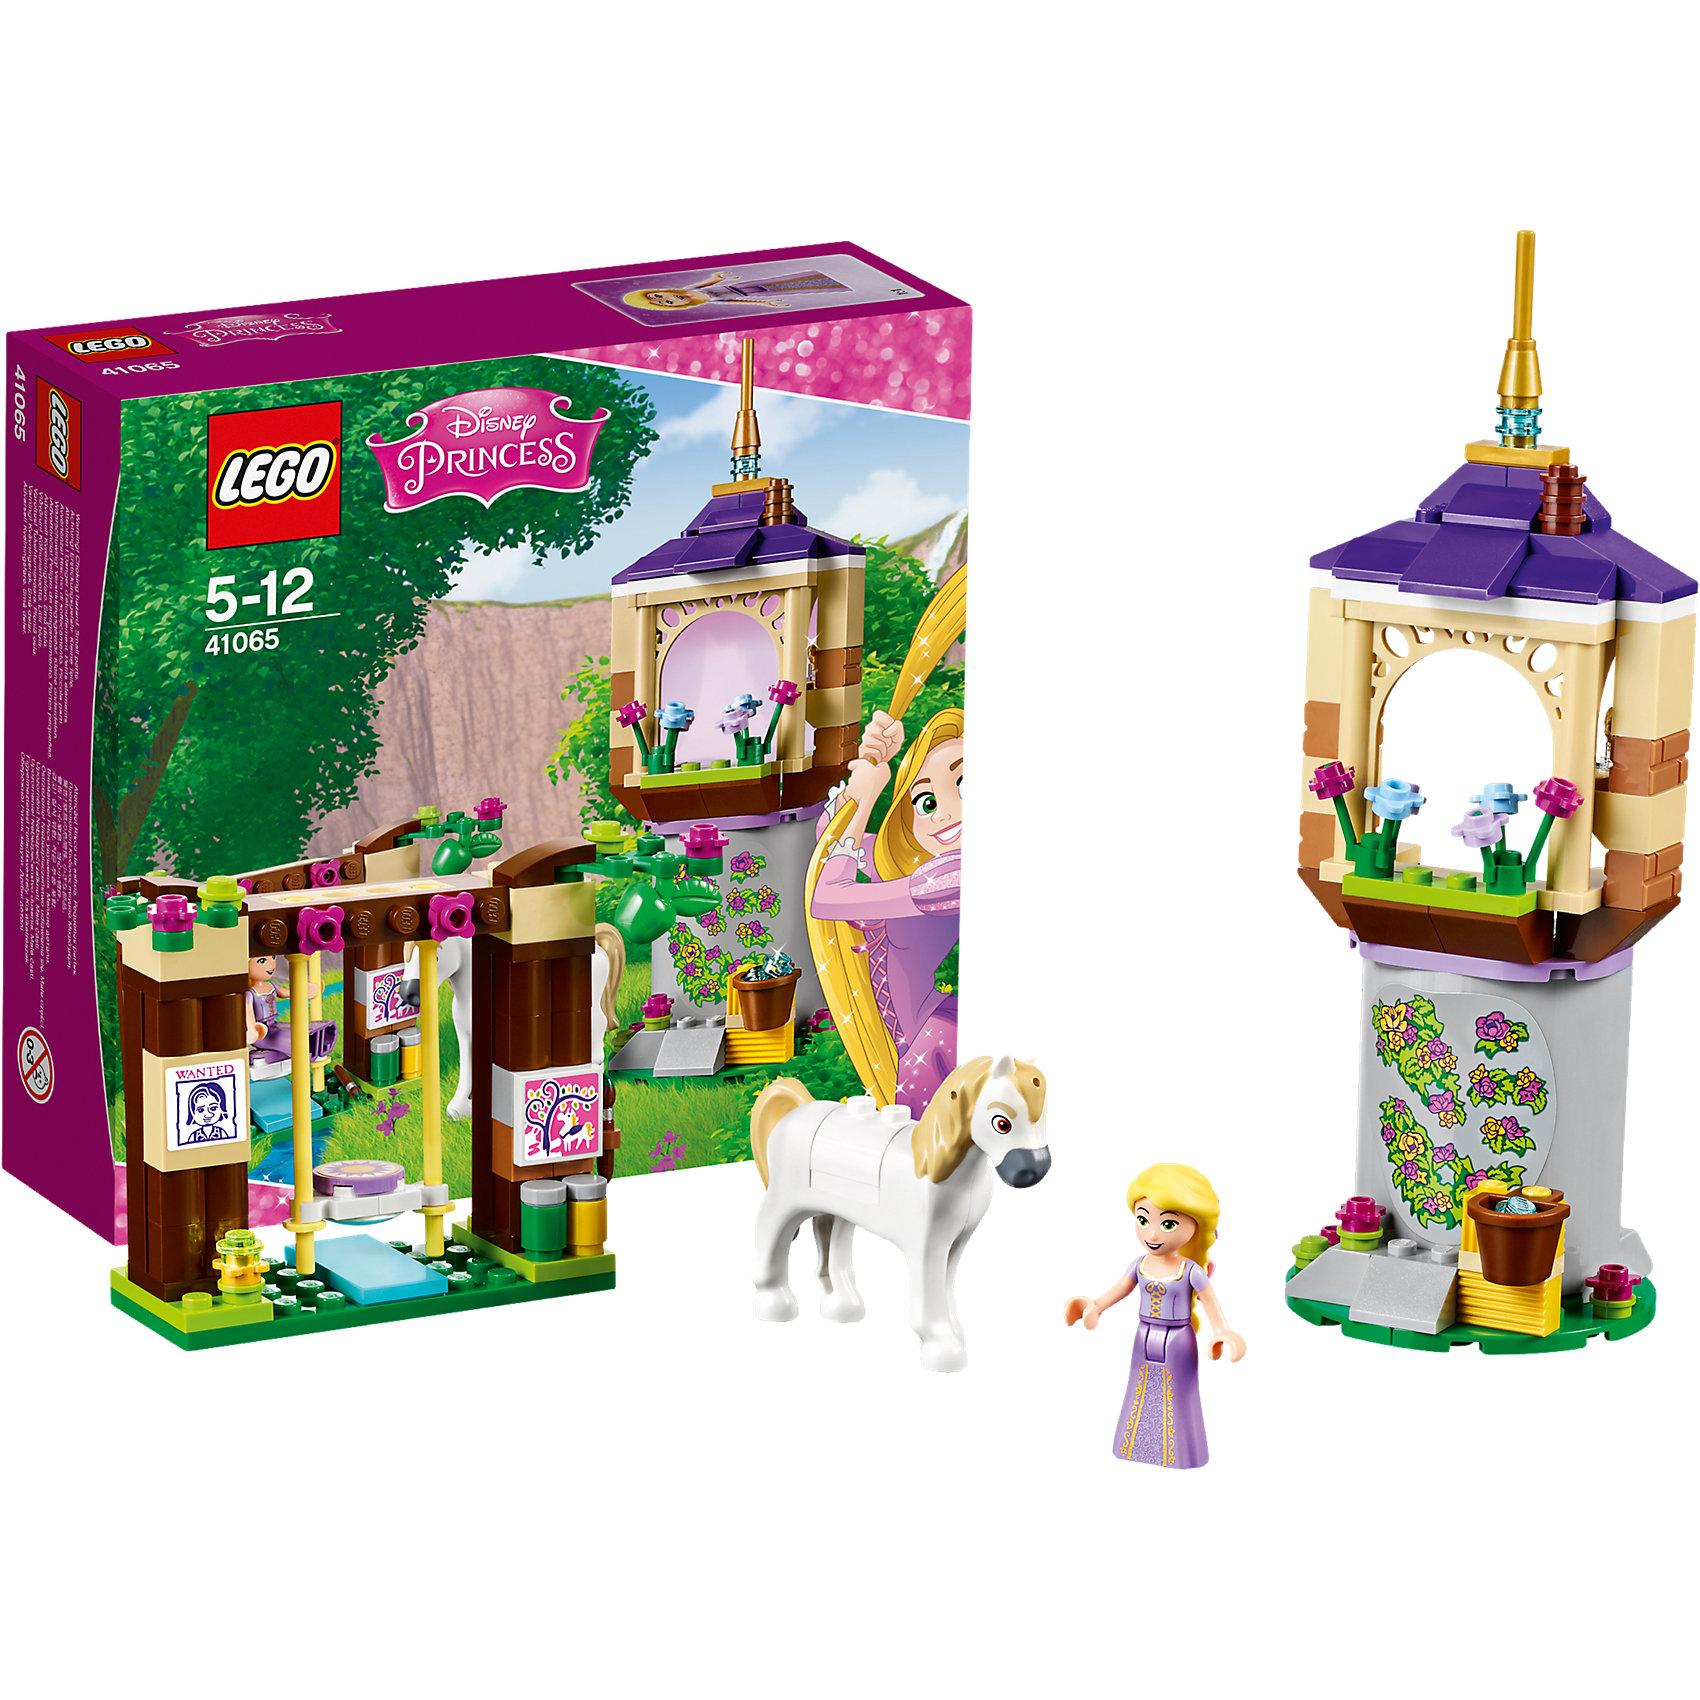 LEGO Disney Princesses 41065: Лучший день РапунцельПластмассовые конструкторы<br>Главную героиню мультфильма Рапунцель обожает множество современных девочек, поэтому набор Лего из её фигурки и конструктора в этой тематике обязательно обрадует ребенка. Такие игрушки помогают детям развивать воображение, мелкую моторику, логику и творческое мышление.<br>Набор состоит из фигурки Рапунцель, коня Максимуса, замка и других аксессуаров. С таким комплектом можно придумать множество игр!<br><br>Дополнительная информация:<br><br>цвет: разноцветный;<br>размер коробки: 20 х 6 х 19 см;<br>вес: 319 г;<br>материал: пластик;<br>количество деталей: 145.<br><br>Набор Лучший день Рапунцель от бренда LEGO Disney Princesses можно купить в нашем магазине.<br><br>Ширина мм: 203<br>Глубина мм: 190<br>Высота мм: 66<br>Вес г: 247<br>Возраст от месяцев: 60<br>Возраст до месяцев: 144<br>Пол: Женский<br>Возраст: Детский<br>SKU: 4641187